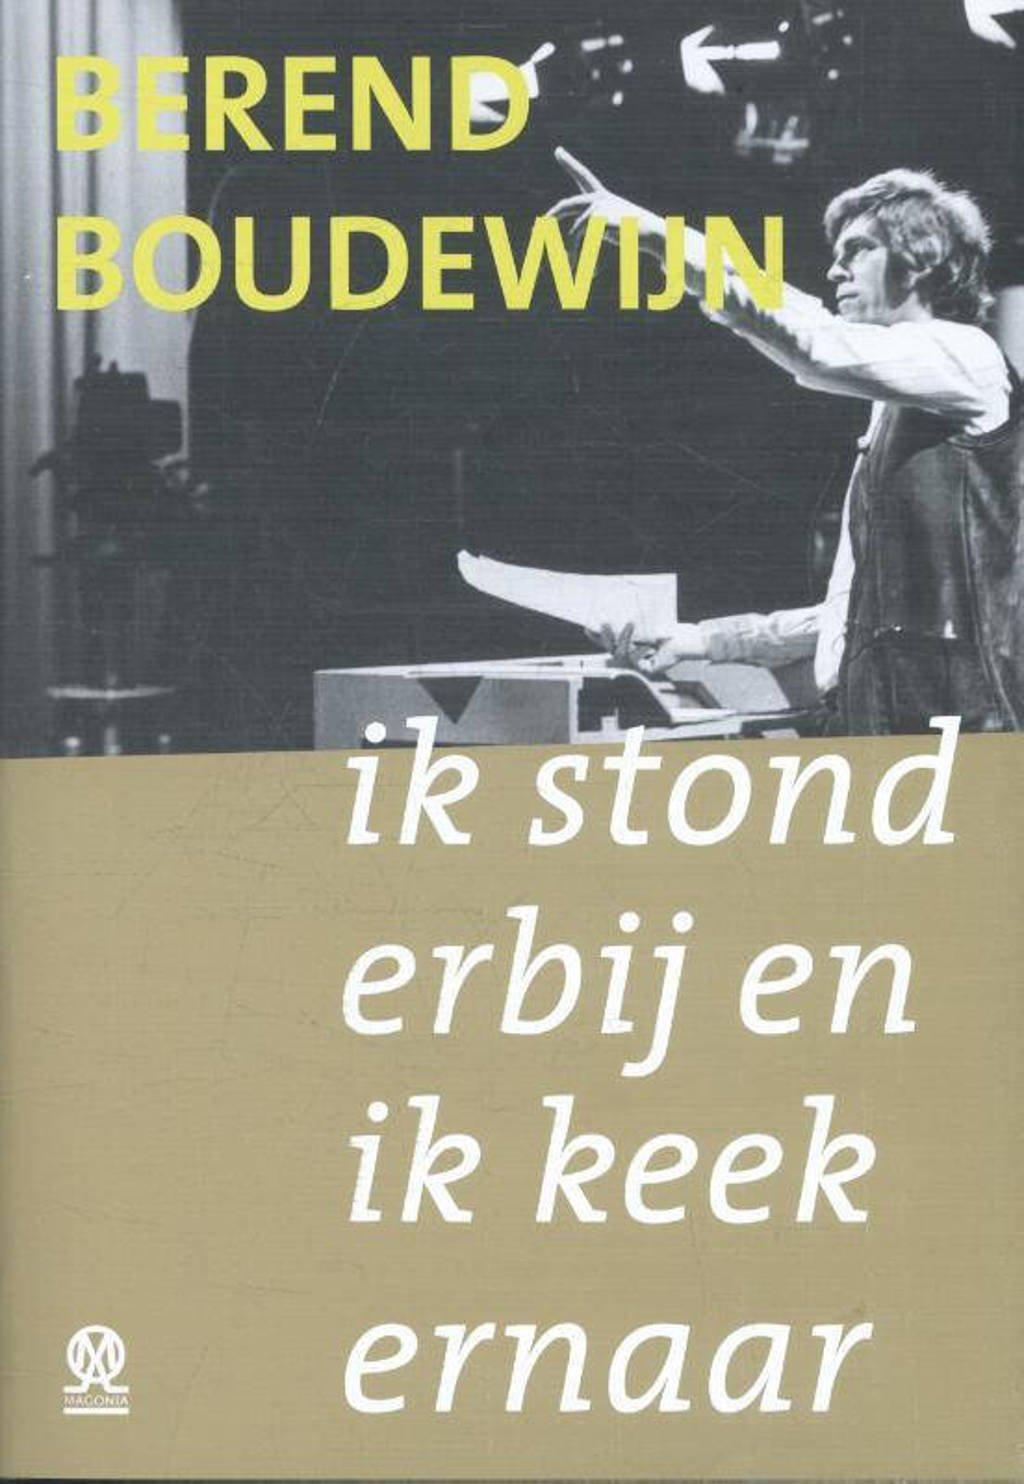 Ik stond erbij en ik keek ernaar - Berend Boudewijn